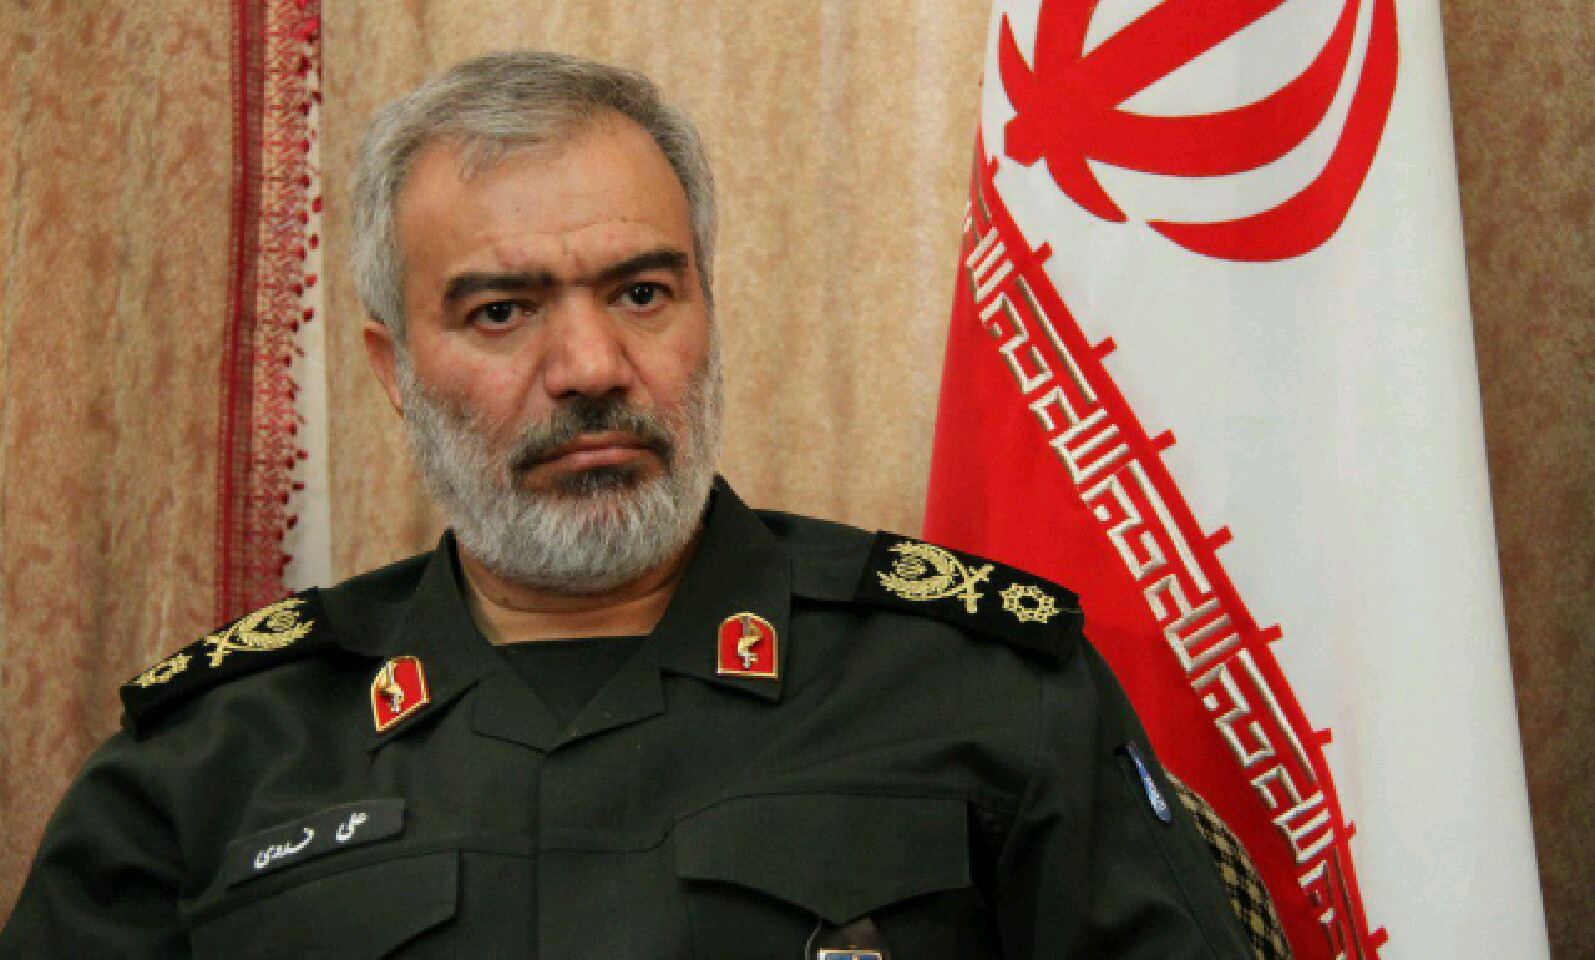 سردار فدوی: سپاه همیشه به دولت ها کمک کرده است